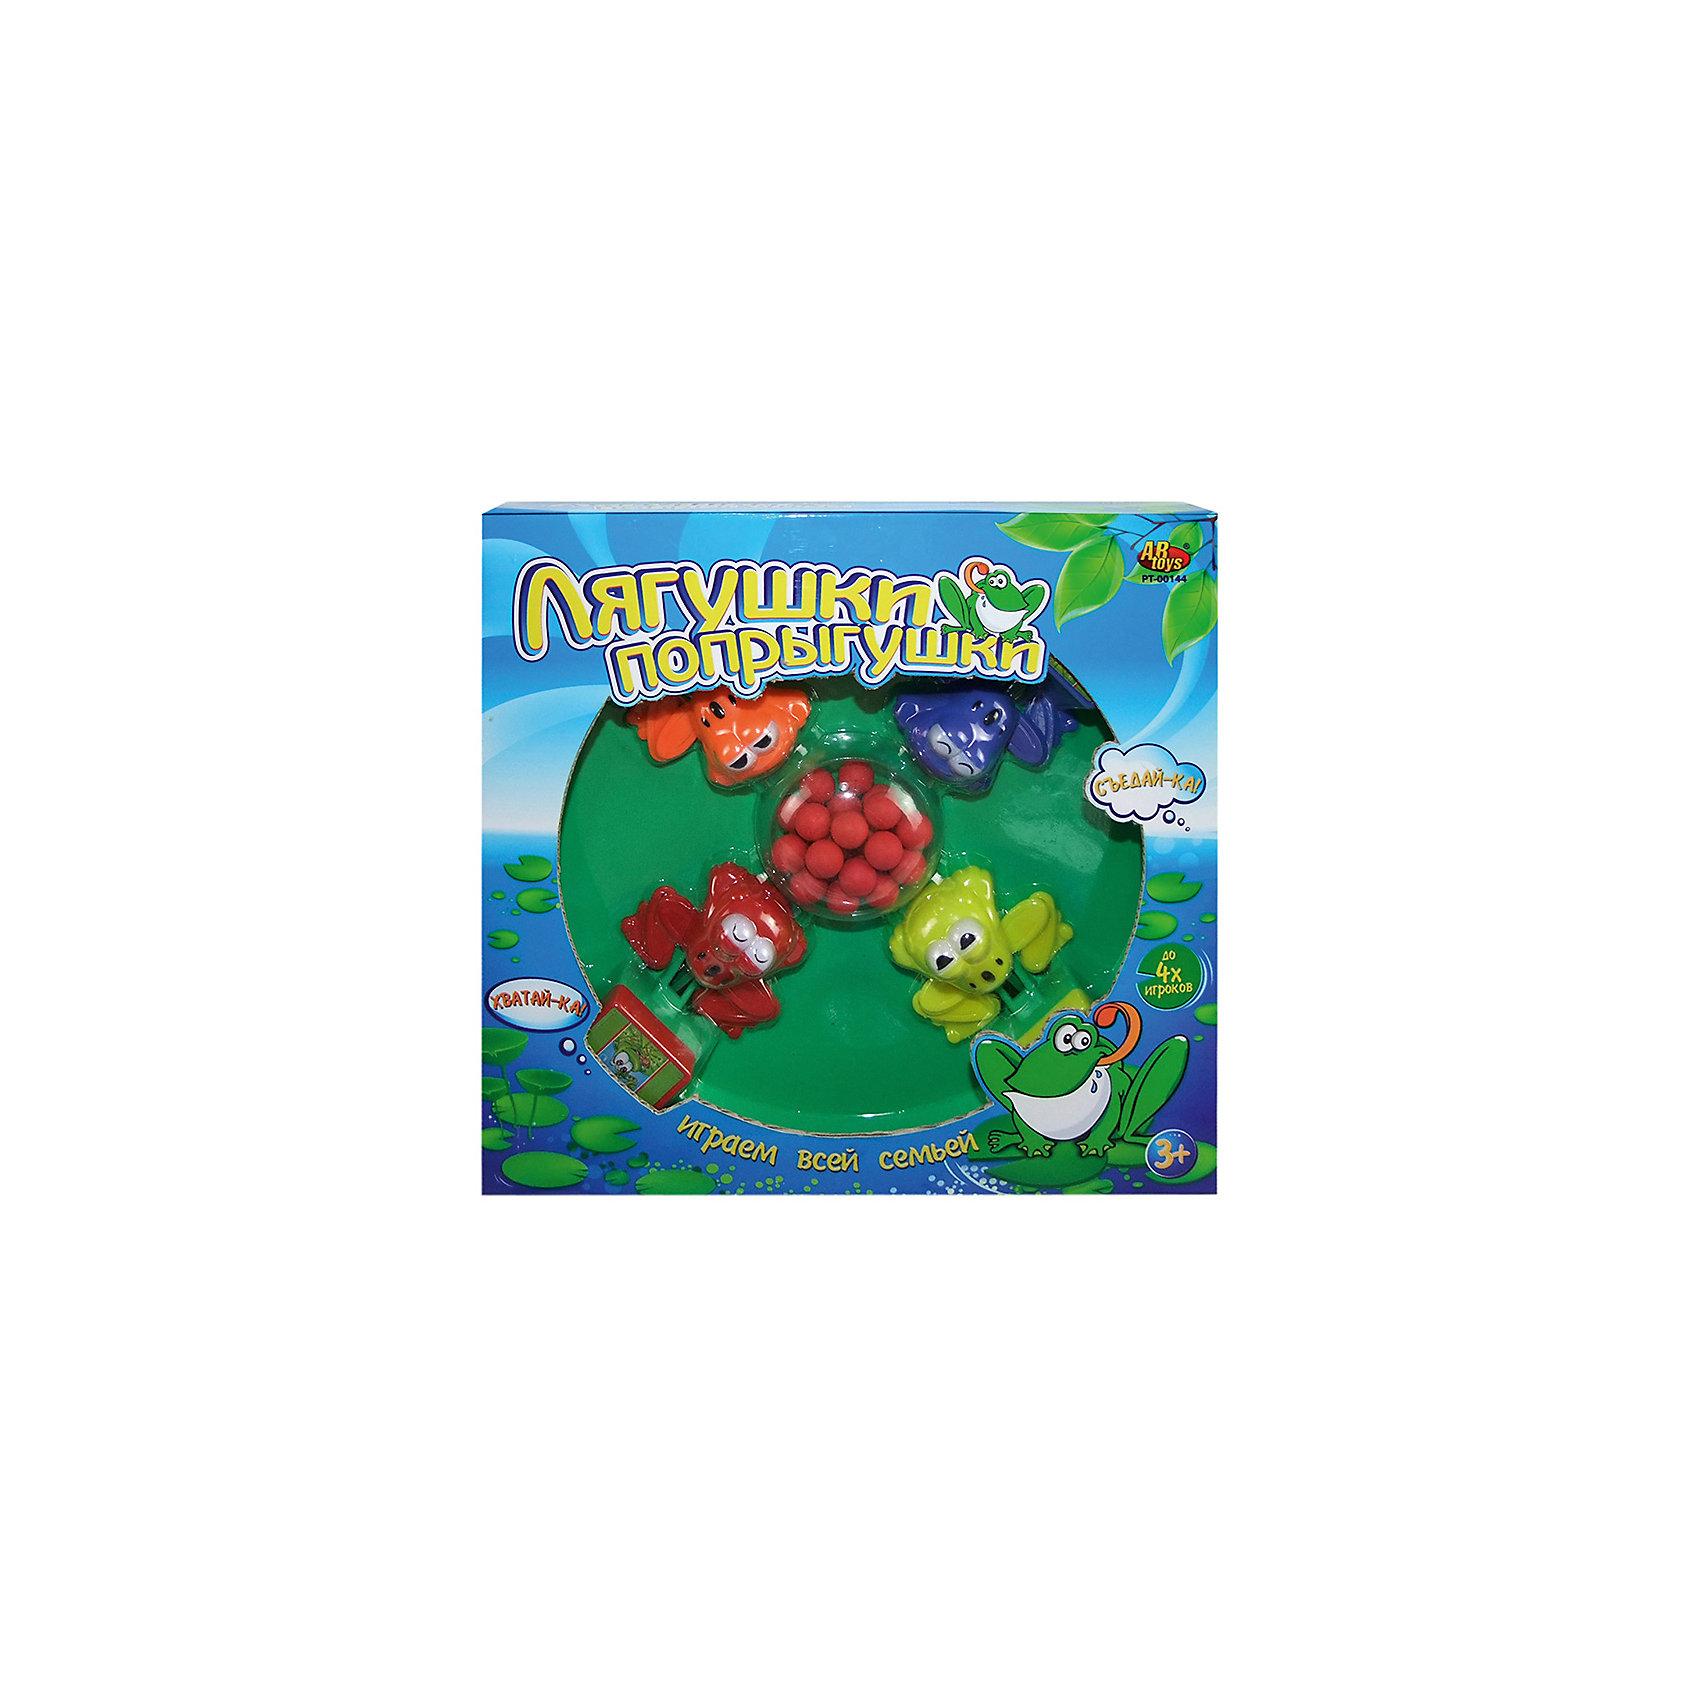 Настольная игра Лягушки-попрыгушки, ABtoysНастольные игры для всей семьи<br>Настольная игра Лягушки-попрыгушки, Abtoys (АБтойс)<br><br>Характеристики:<br><br>• количество игроков: 2-4<br>• в комплекте: игровая платформа, 4 лягушки, 24 шарика<br>• материал: пластик<br>• размер упаковки: 30,7х7,5х31,5 см<br>• вес: 630 грамм<br><br>Лягушки-попрыгушки - увлекательная игра, которая поможет развить скорость реакции и координацию движений. В набор входят четыре лягушки, расположенных на платформе и 24 шарика. В процессе игры участвующие должны нажимать на специальную кнопку, чтобы хватать шарики также, как лягушки хватают насекомых. Цель игры - поймать как можно больше шариков. Настольная игра Лягушки-попрыгушки подойдет как для семейного вечера, так и для игр с друзьями.<br><br>Настольную игру Лягушки-попрыгушки, Abtoys (АБтойс) можно купить в нашем интернет-магазине.<br><br>Ширина мм: 315<br>Глубина мм: 75<br>Высота мм: 307<br>Вес г: 630<br>Возраст от месяцев: 36<br>Возраст до месяцев: 2147483647<br>Пол: Унисекс<br>Возраст: Детский<br>SKU: 5571419